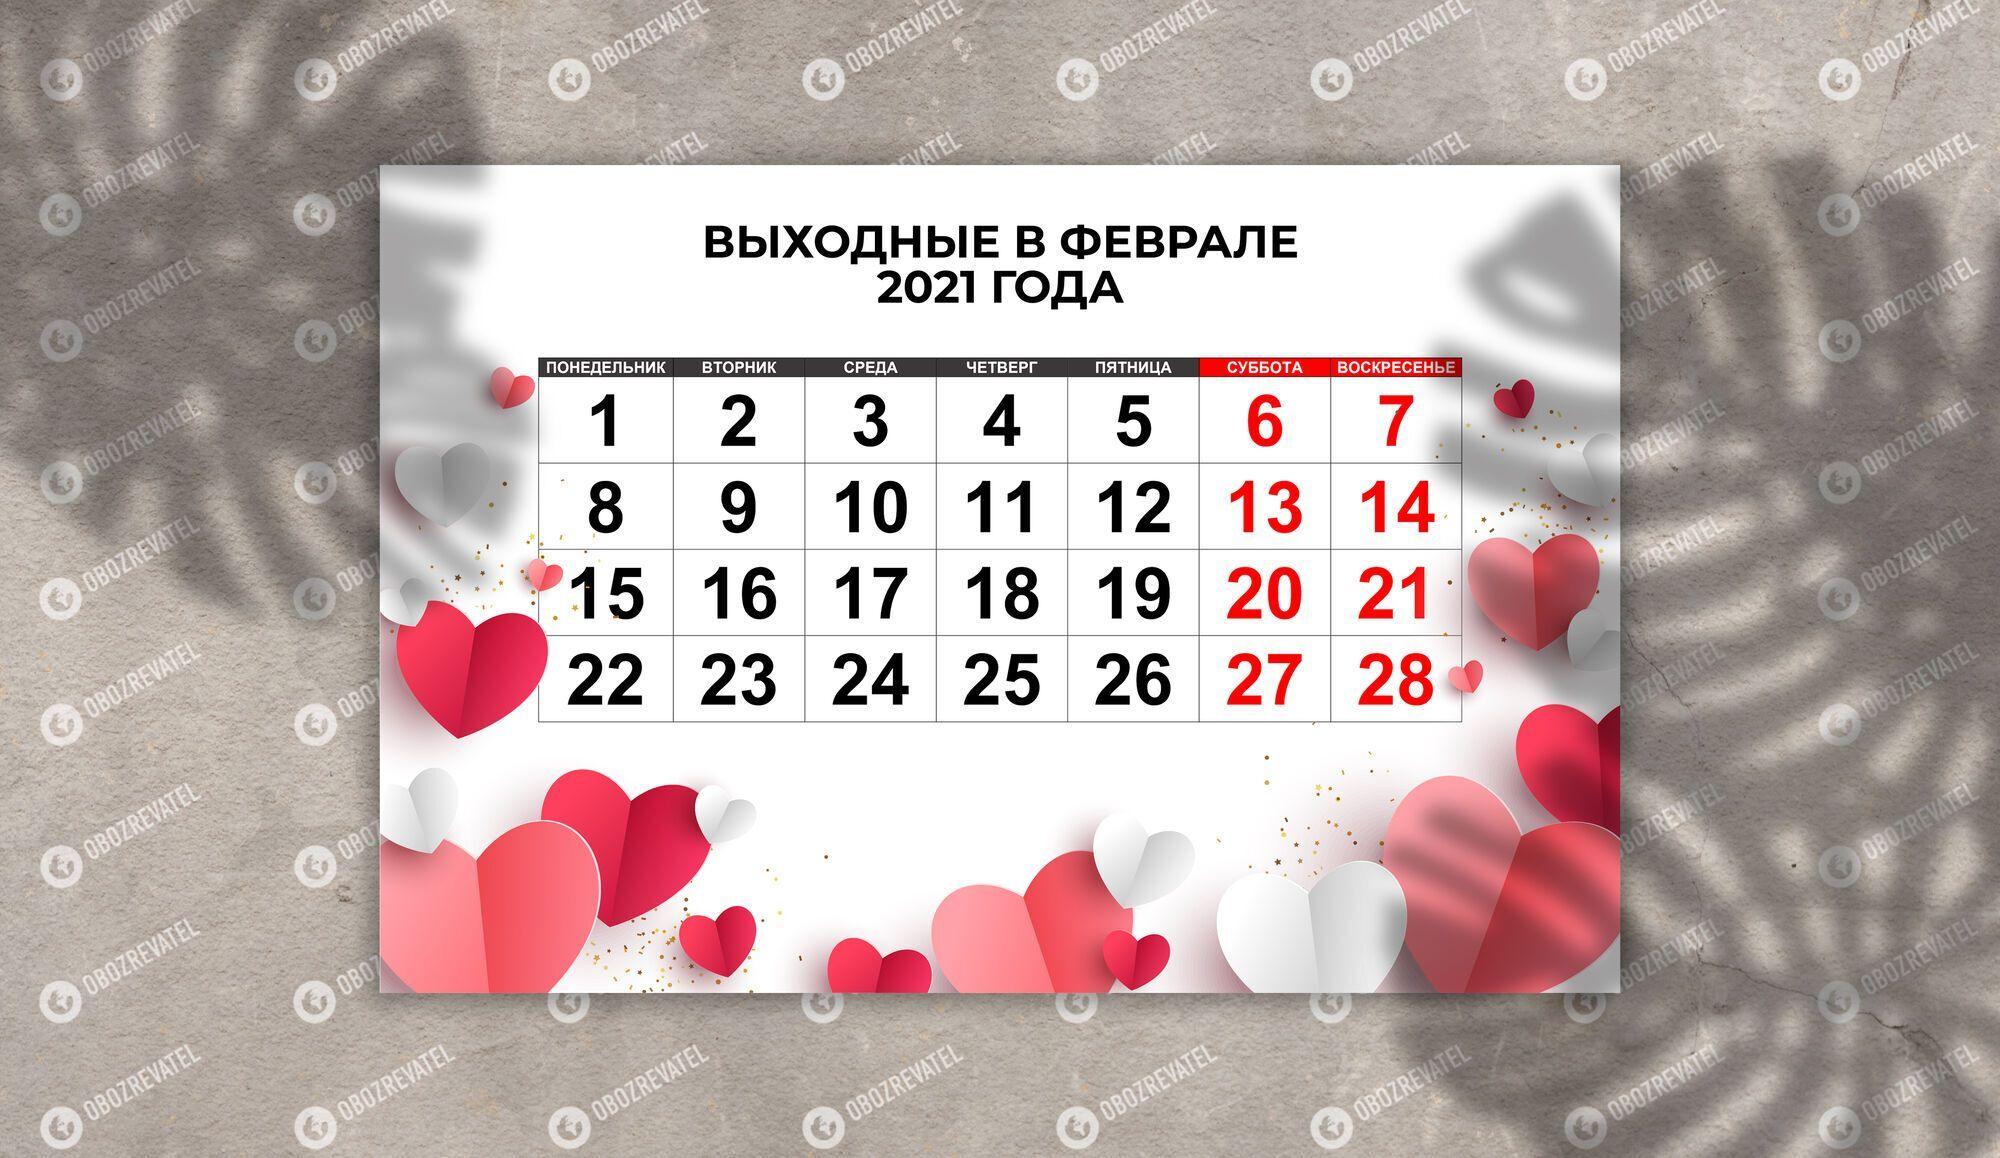 На февраль 2021 года приходится восемь календарных выходных